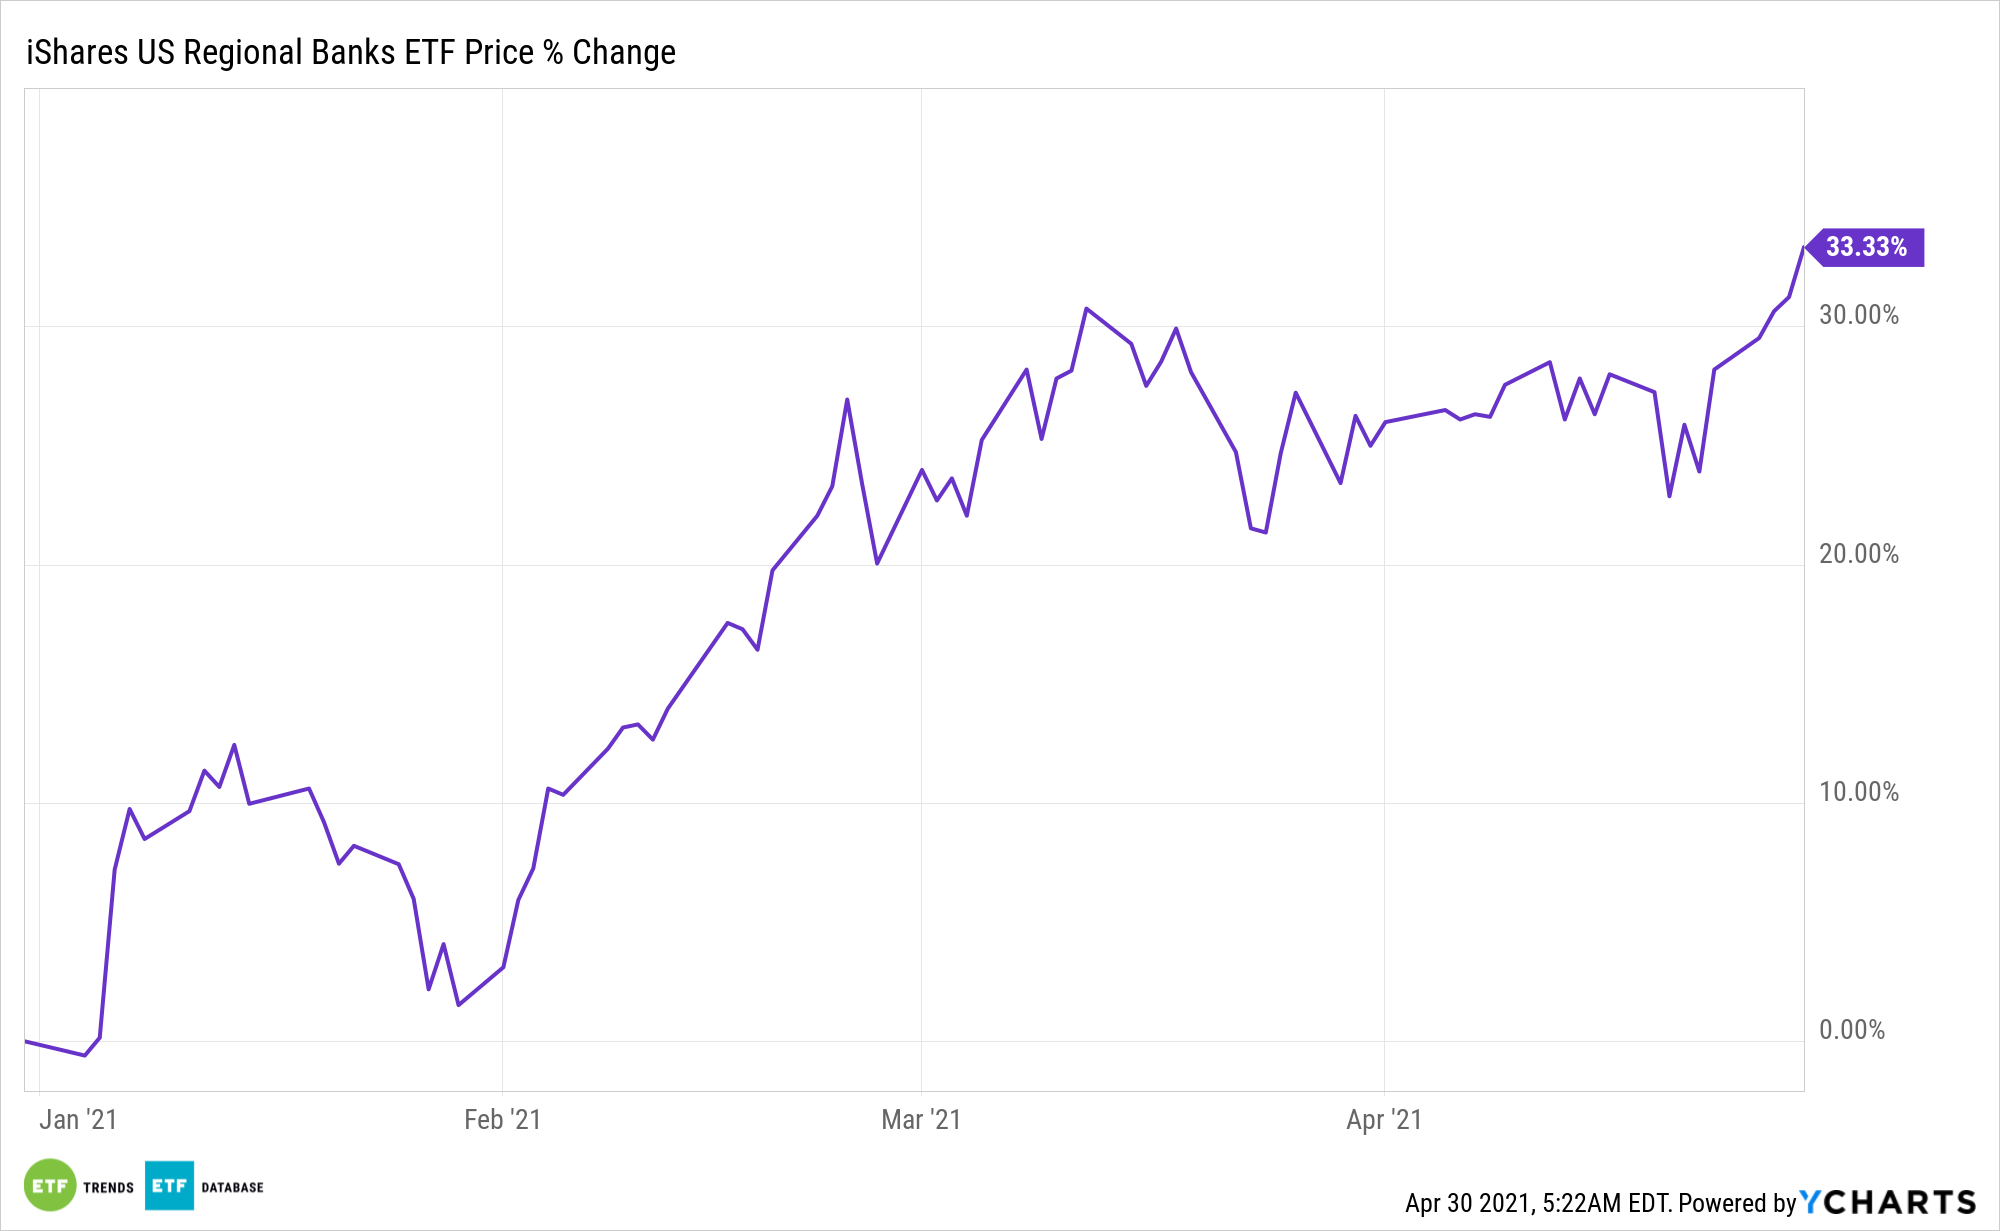 IAT Chart